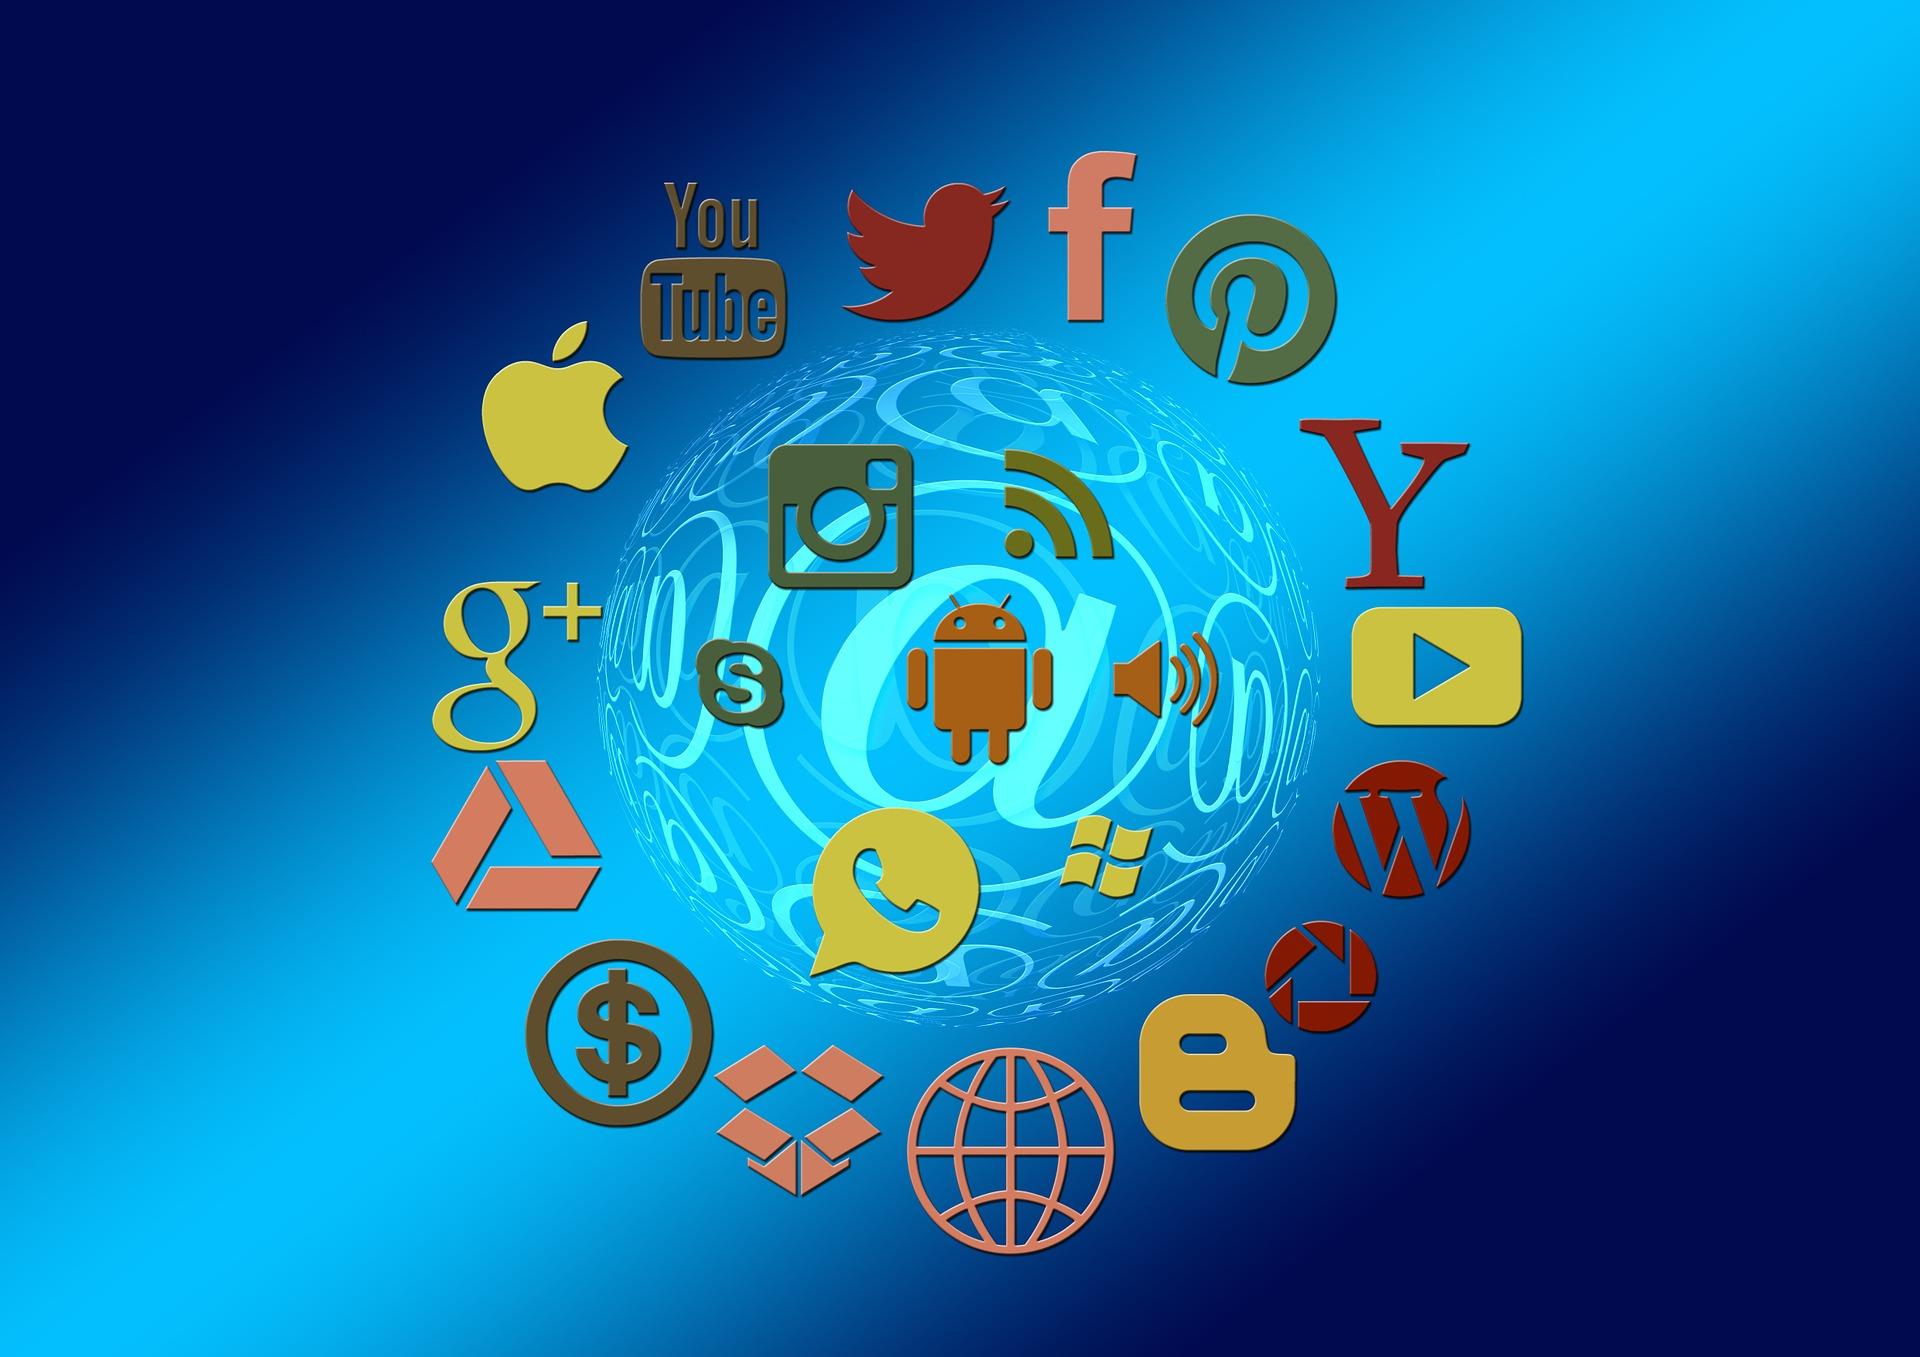 verbos de objeto indirecto en español- Redes sociales, vamosaudioblog.com